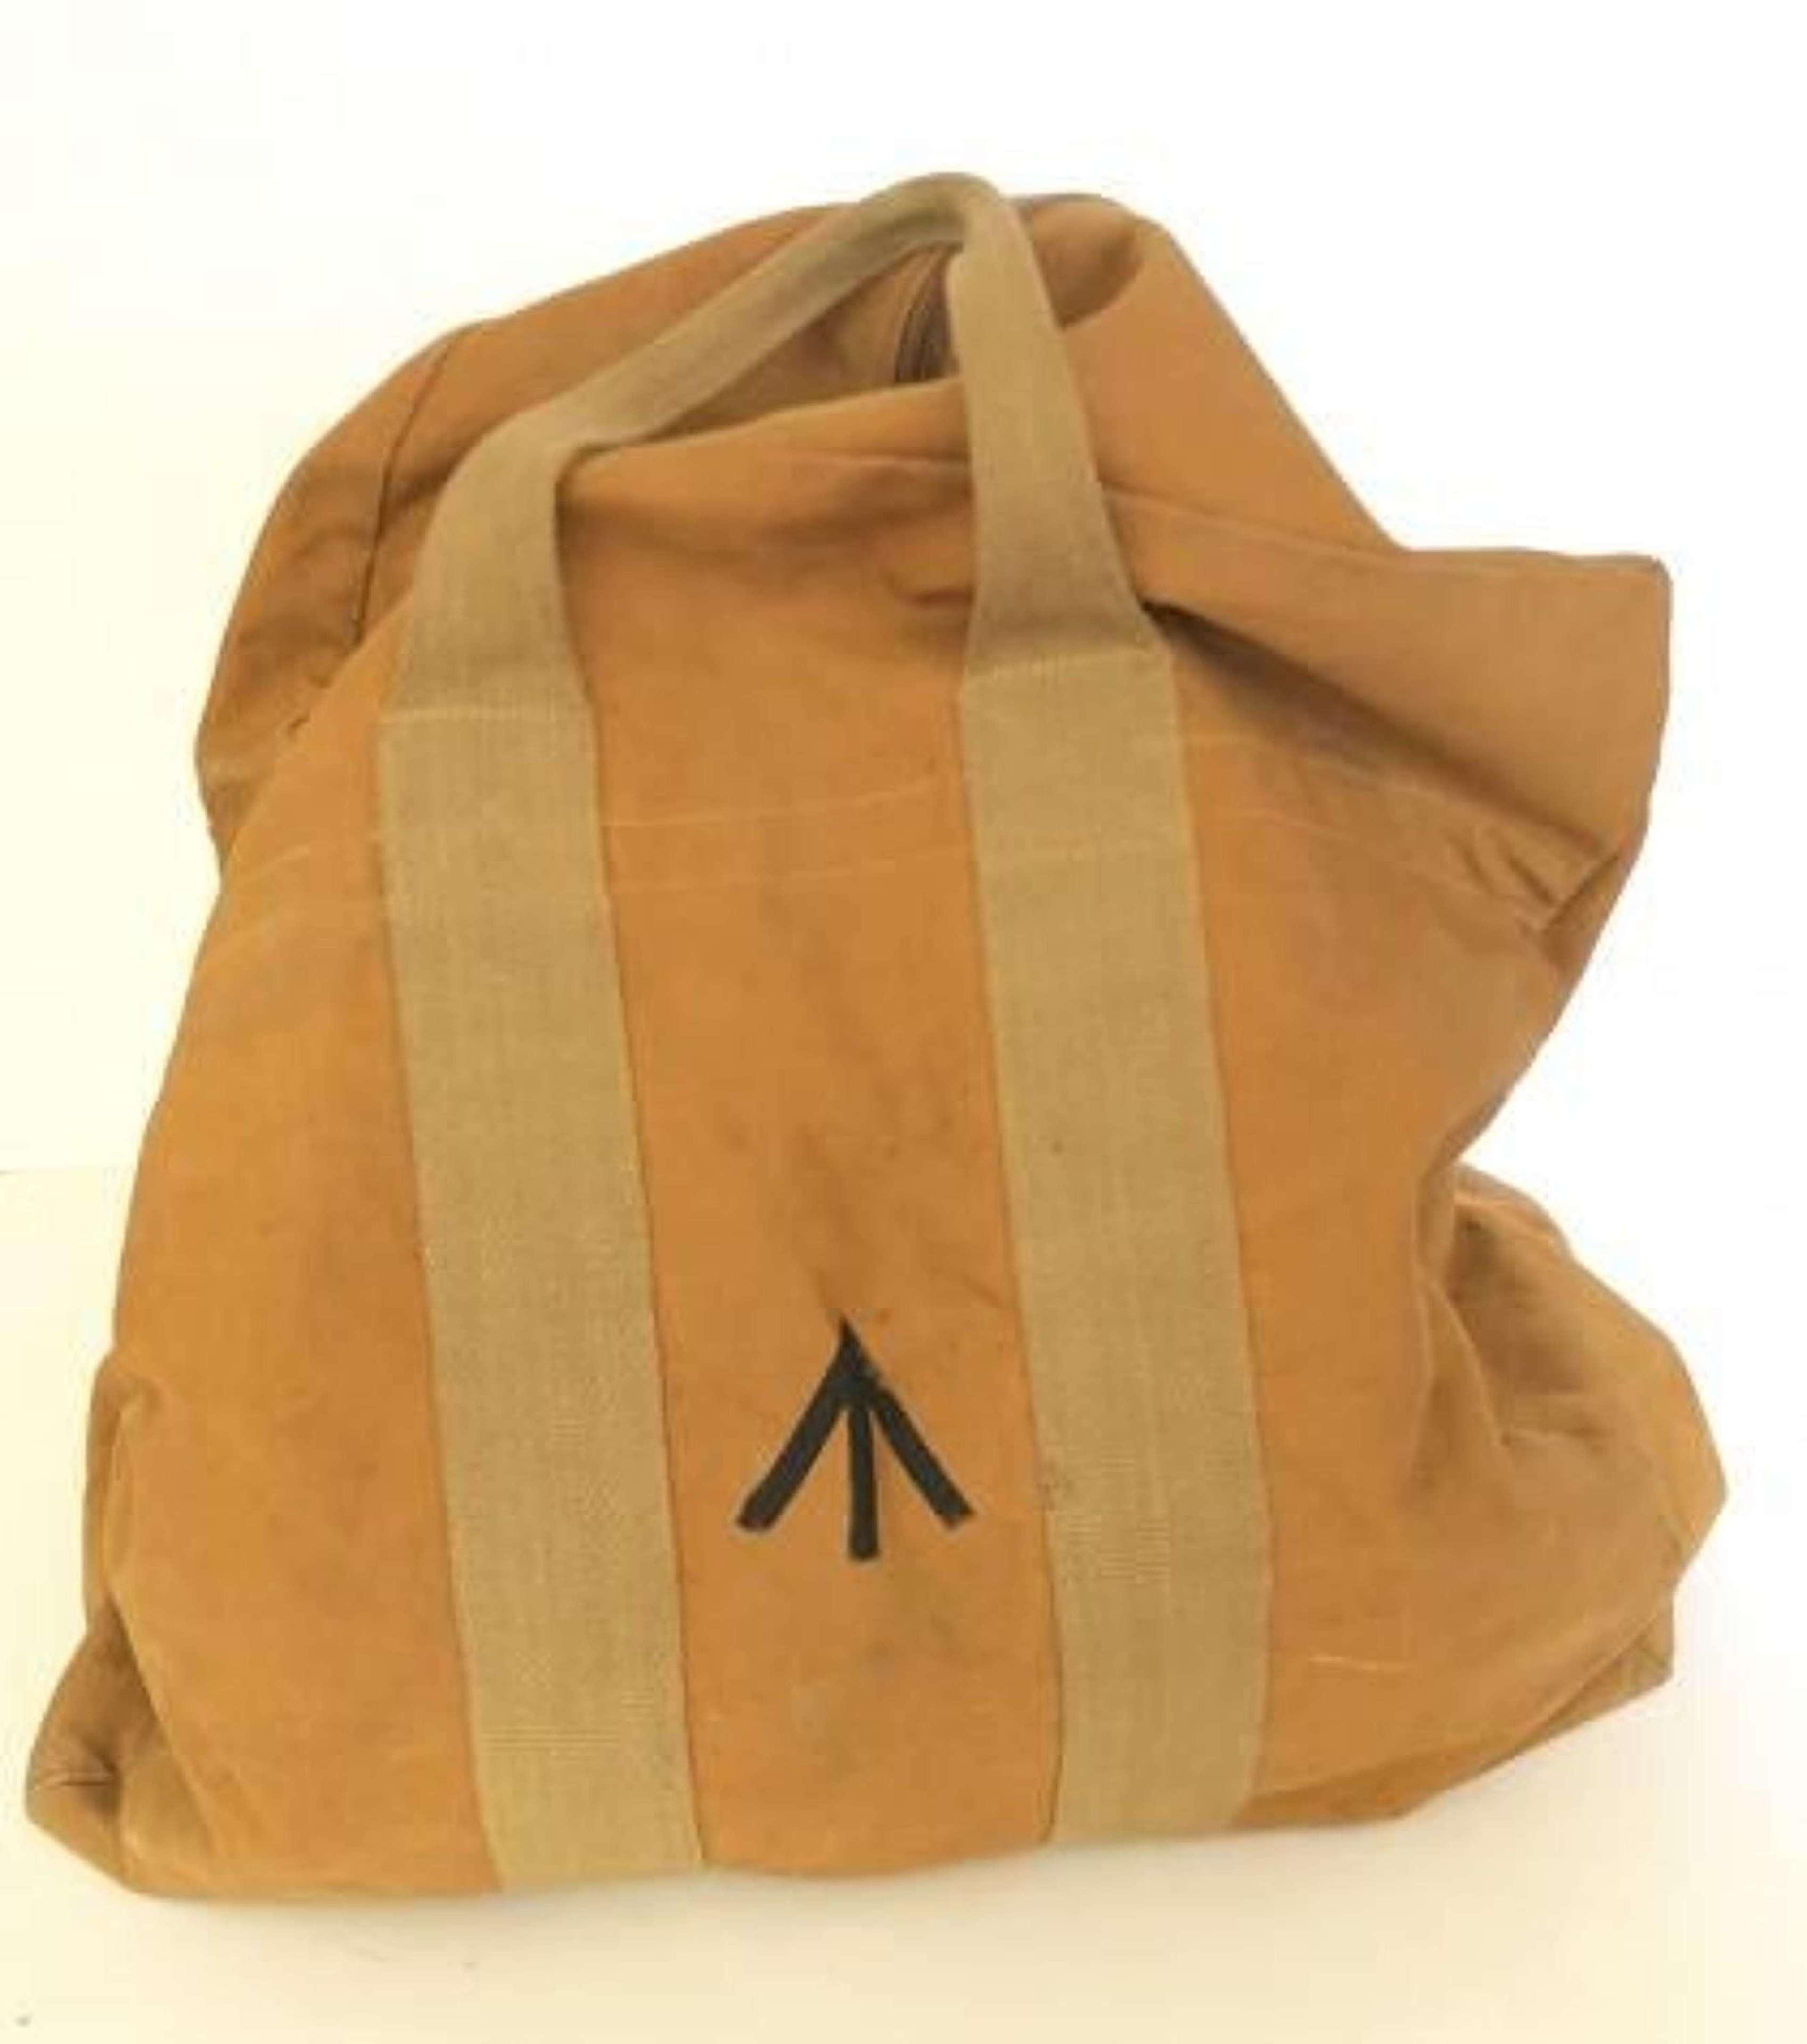 WW2 Pattern RAF Aircrew Parachute Bag.